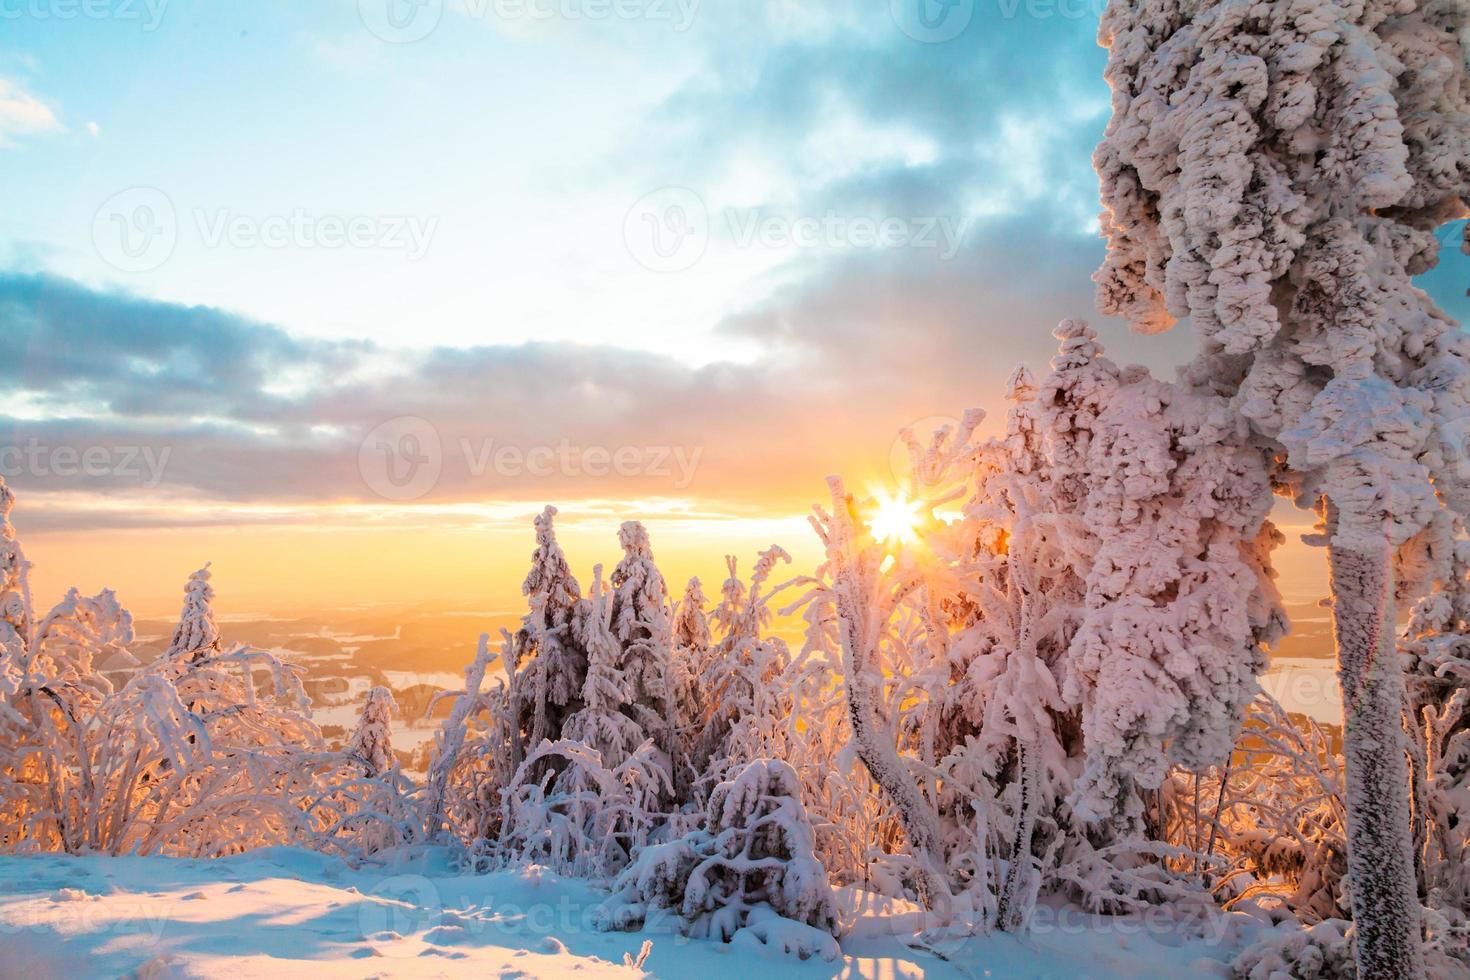 paisaje nevado de invierno en puesta de sol foto